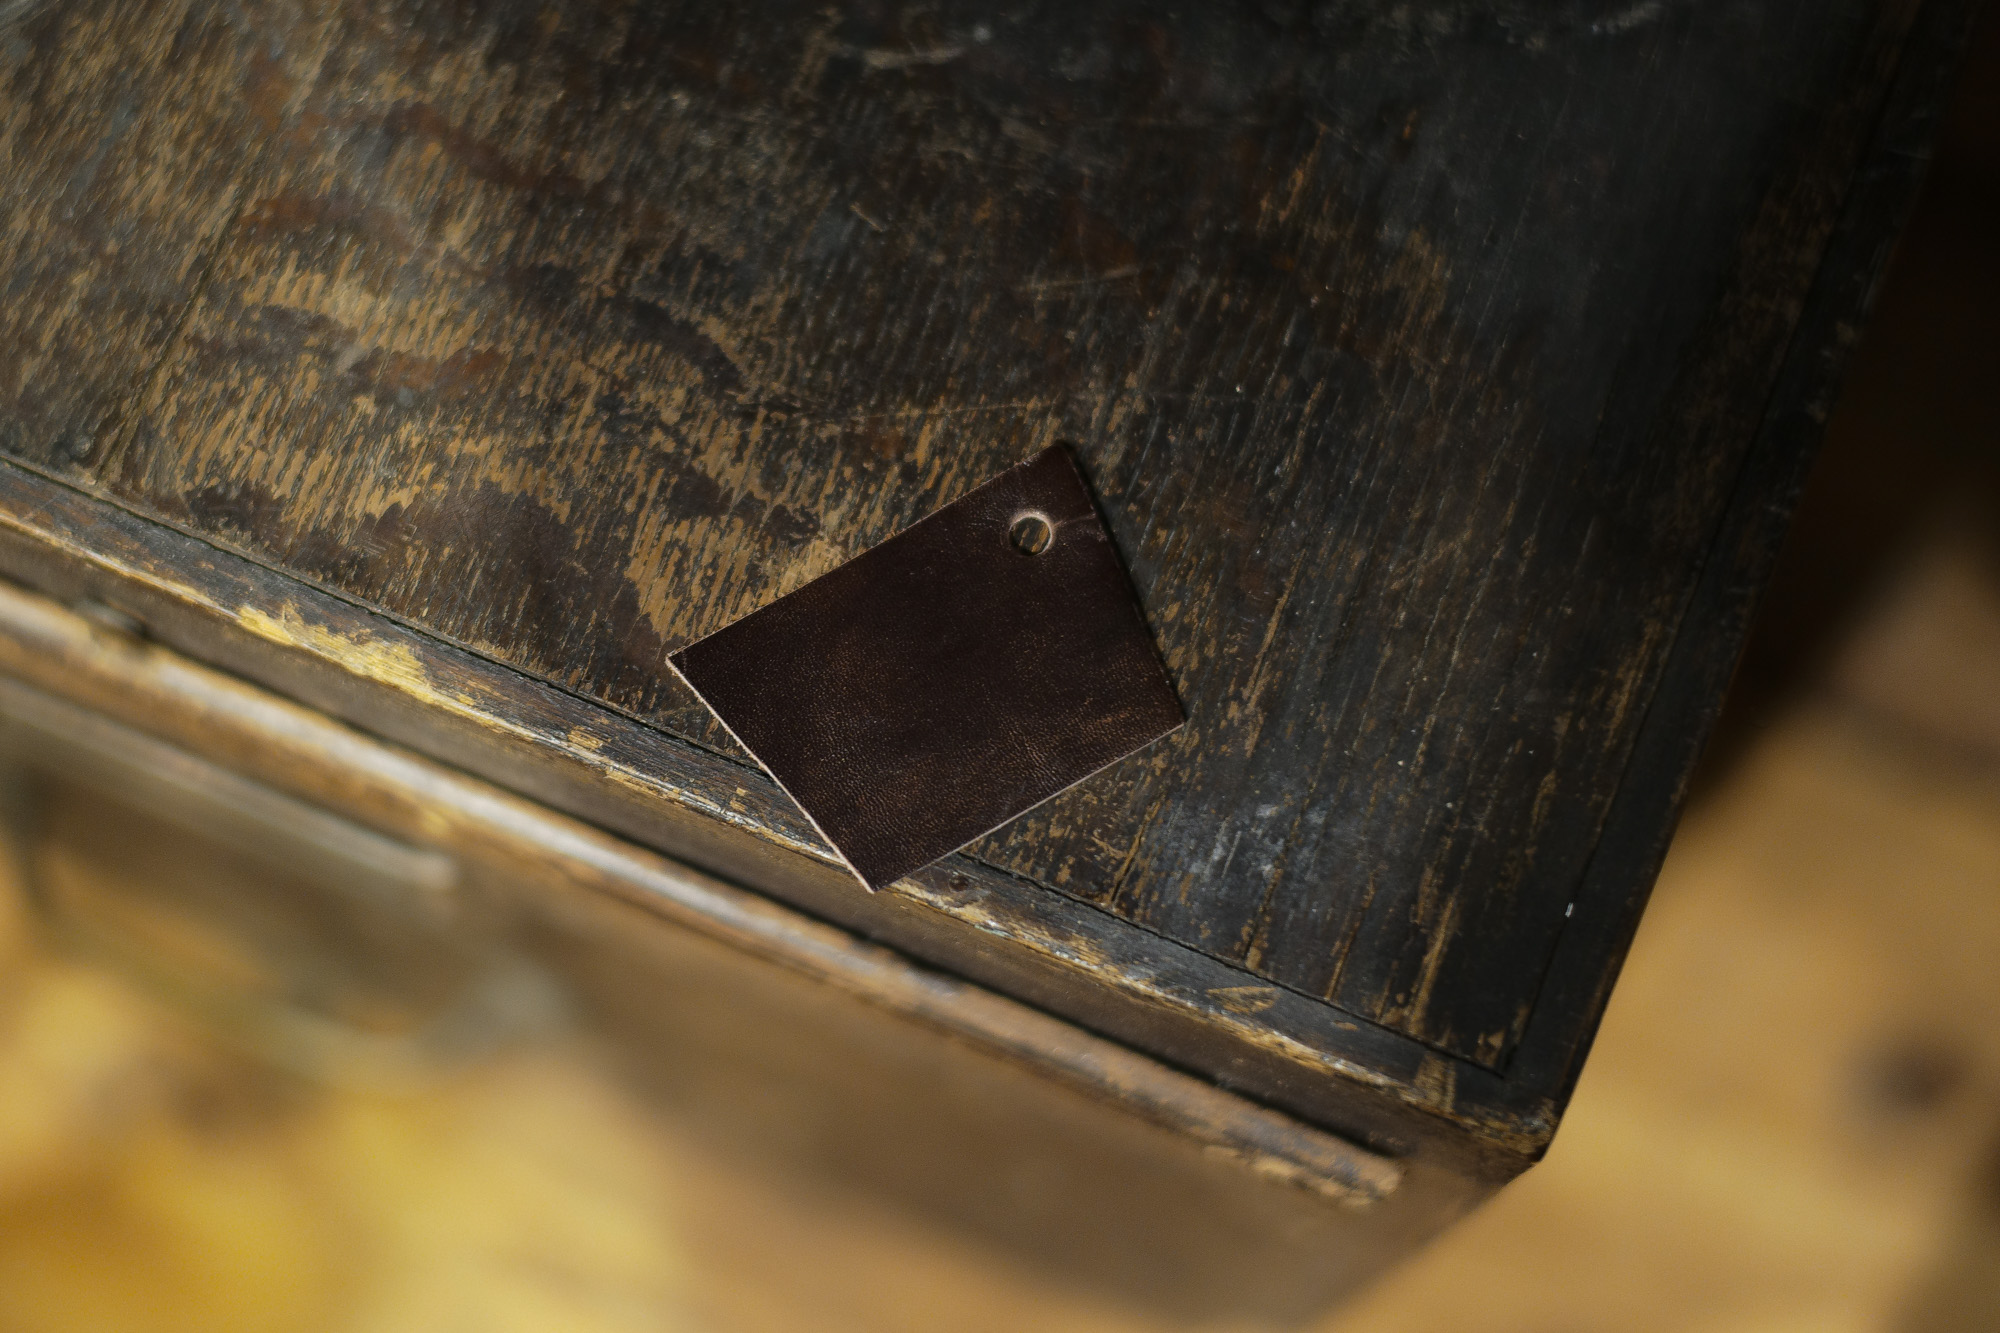 ENZO BONAFE(エンツォボナフェ) /// Bonaudo Museum Calf Leather(ボナウド社ミュージアムカーフレザー) /// DEEP BLUE(ディープブルー) PEWTER(グレー) PEUM(バーガンディー) NEW GOLD(ニューゴールド) CLARET(ブラウン) BRACKEN(ミディアムブラウン) DARK BROWN(ダークブラウン) enzobonafe 愛知 名古屋 Alto e Diritto アルト エ デリット ミュージアムカーフ